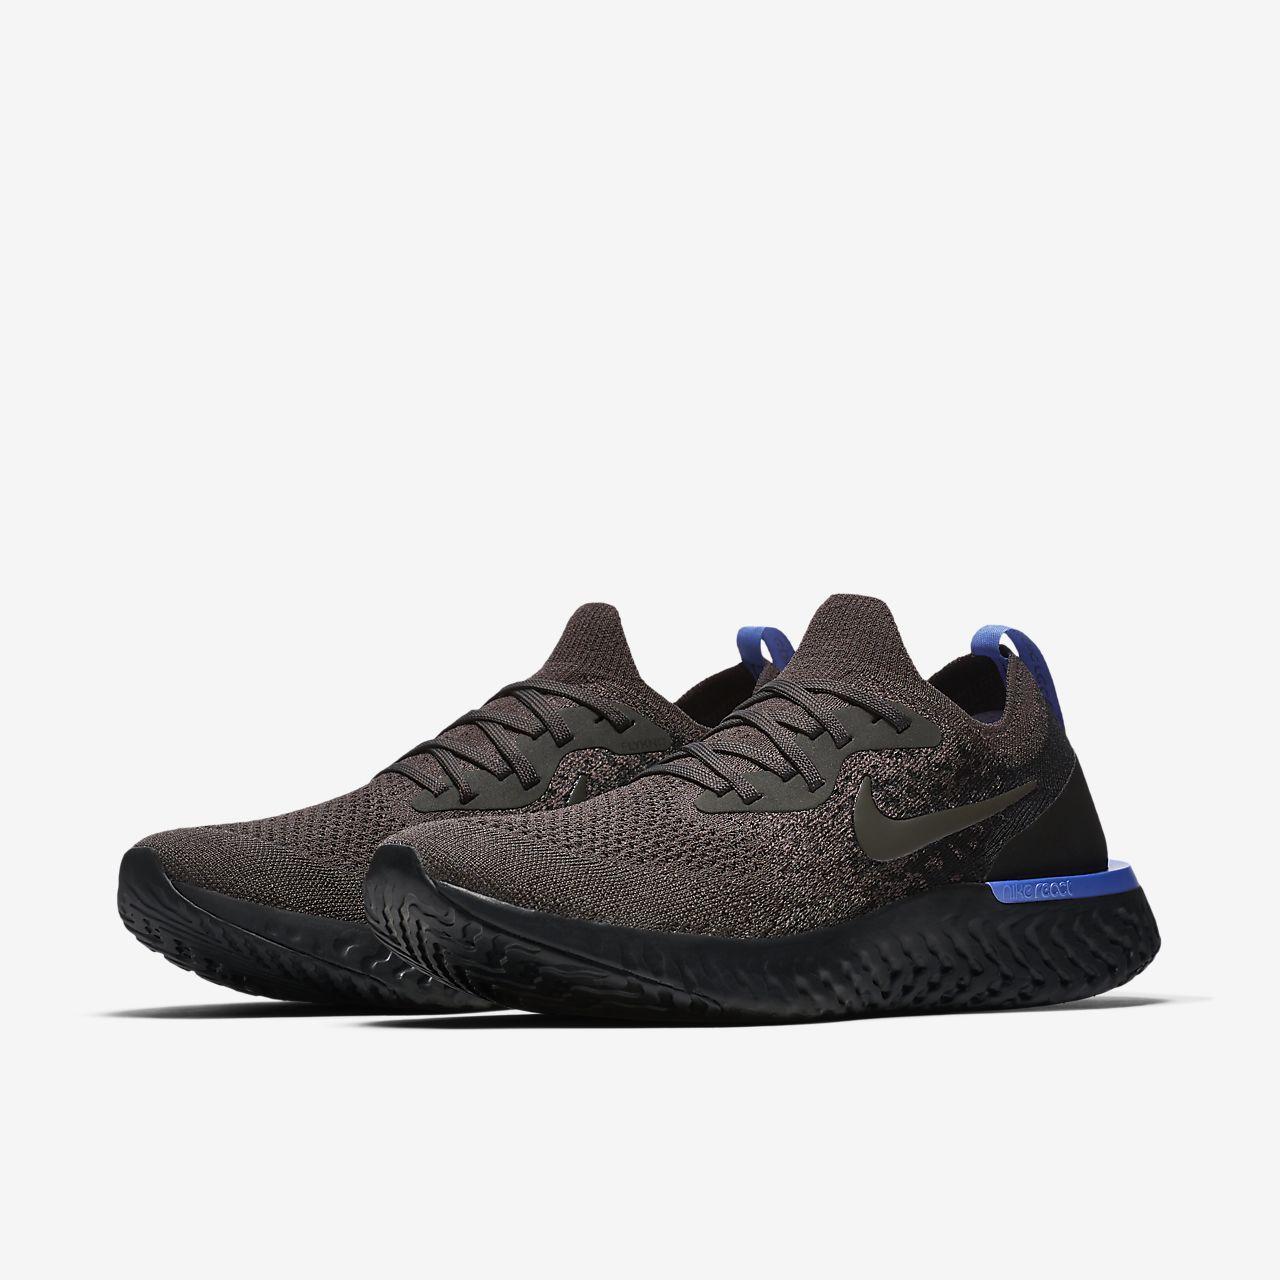 39709d8d54dd2 Nike Epic React Flyknit 1 Women s Running Shoe. Nike.com SI